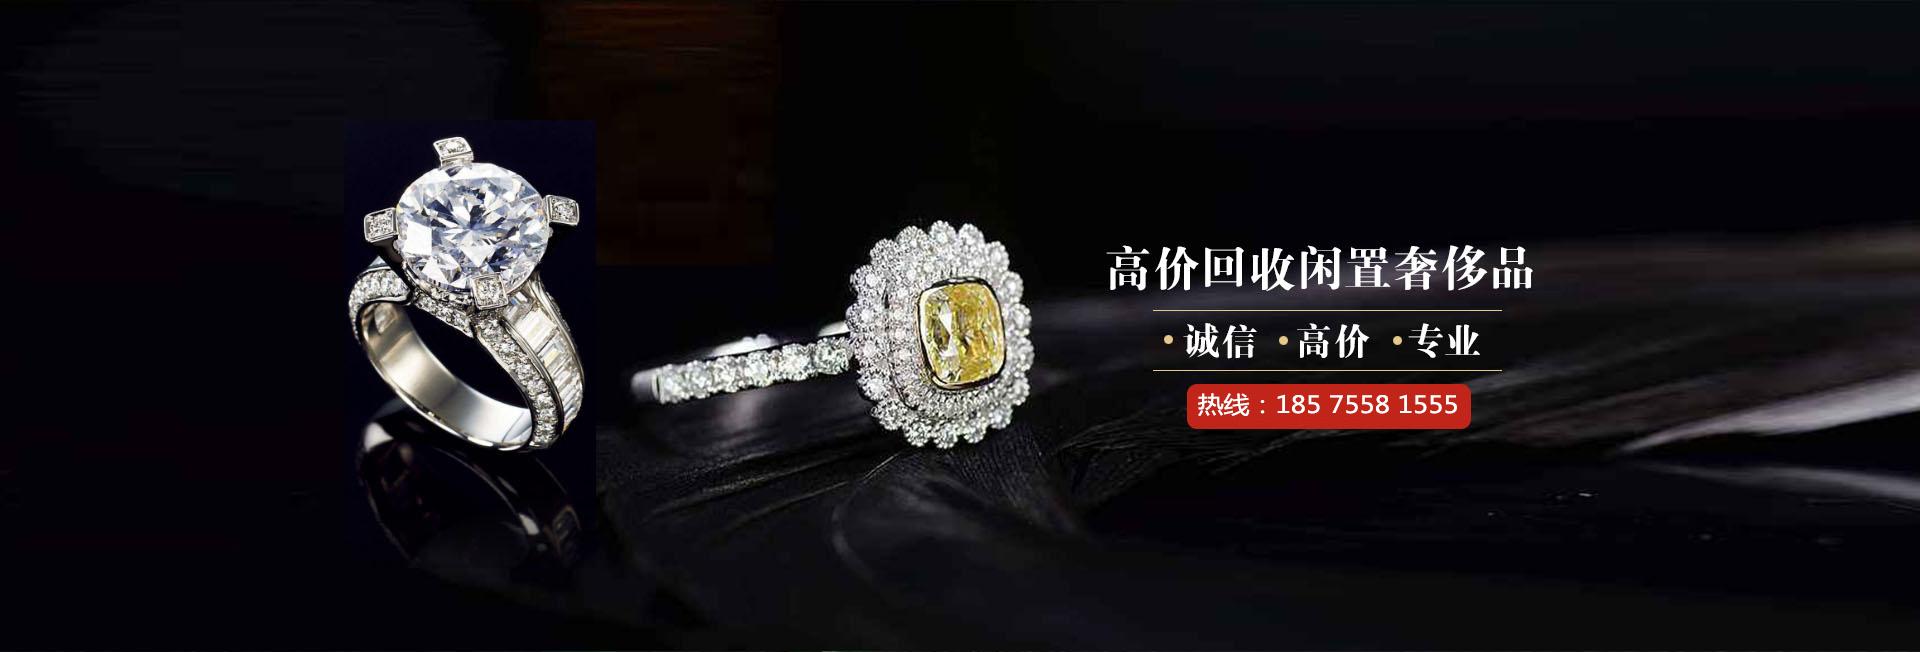 富瑶钻石回收banner图